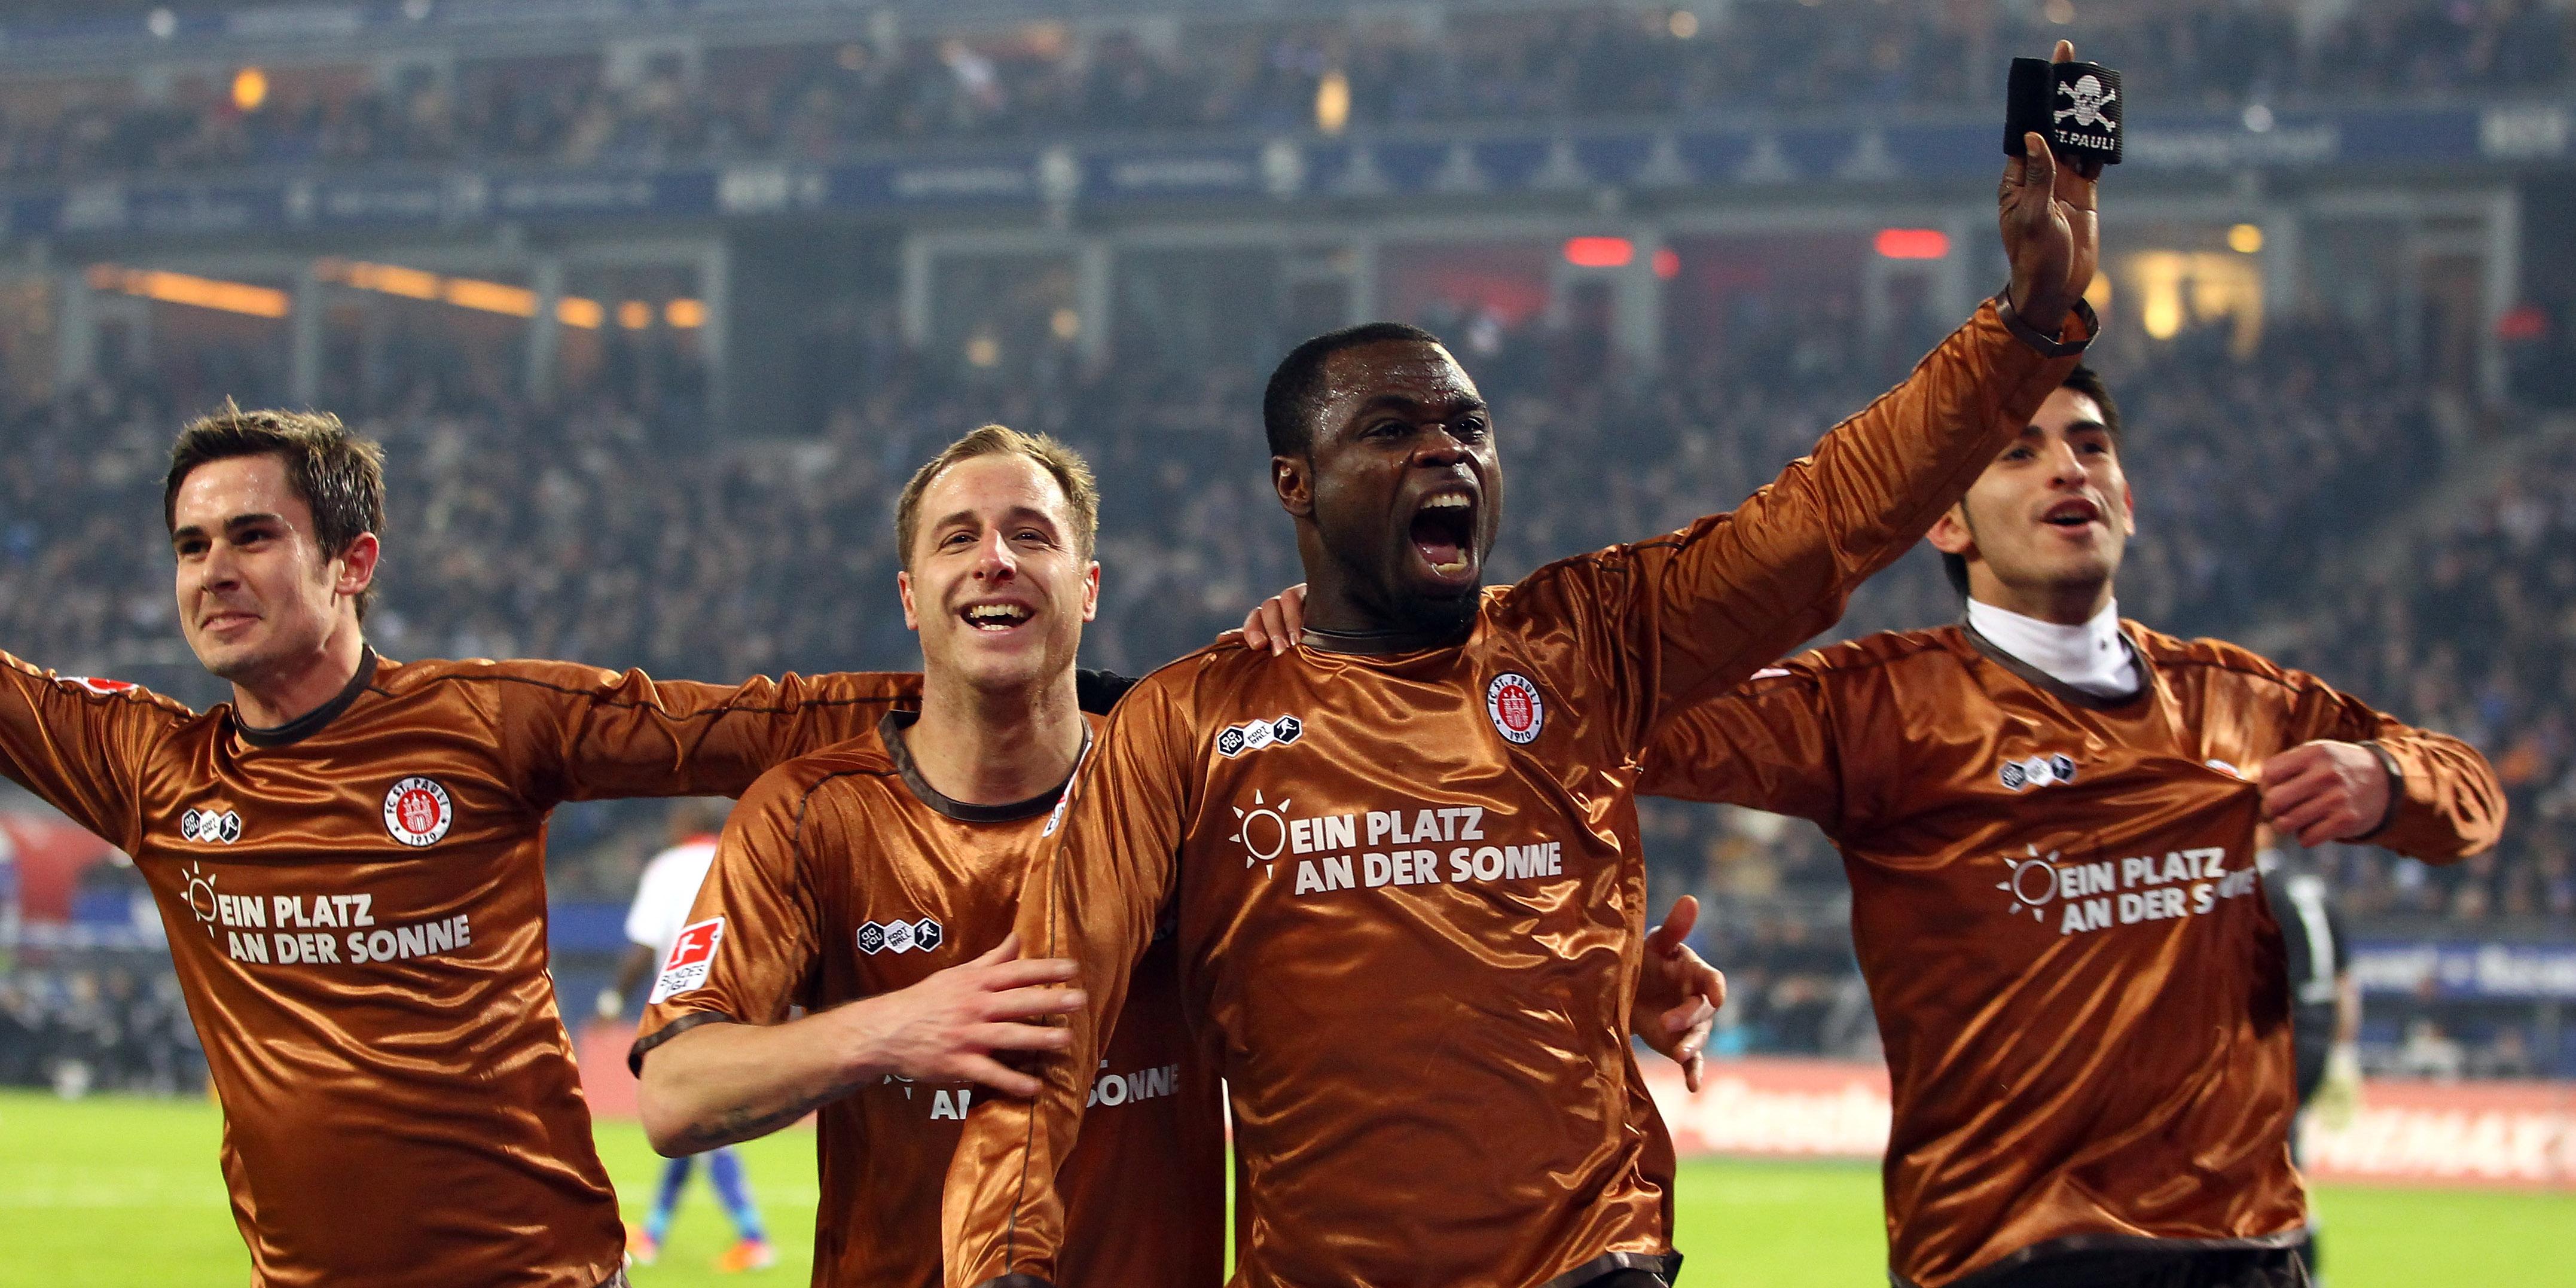 Jubel FC St. Pauli